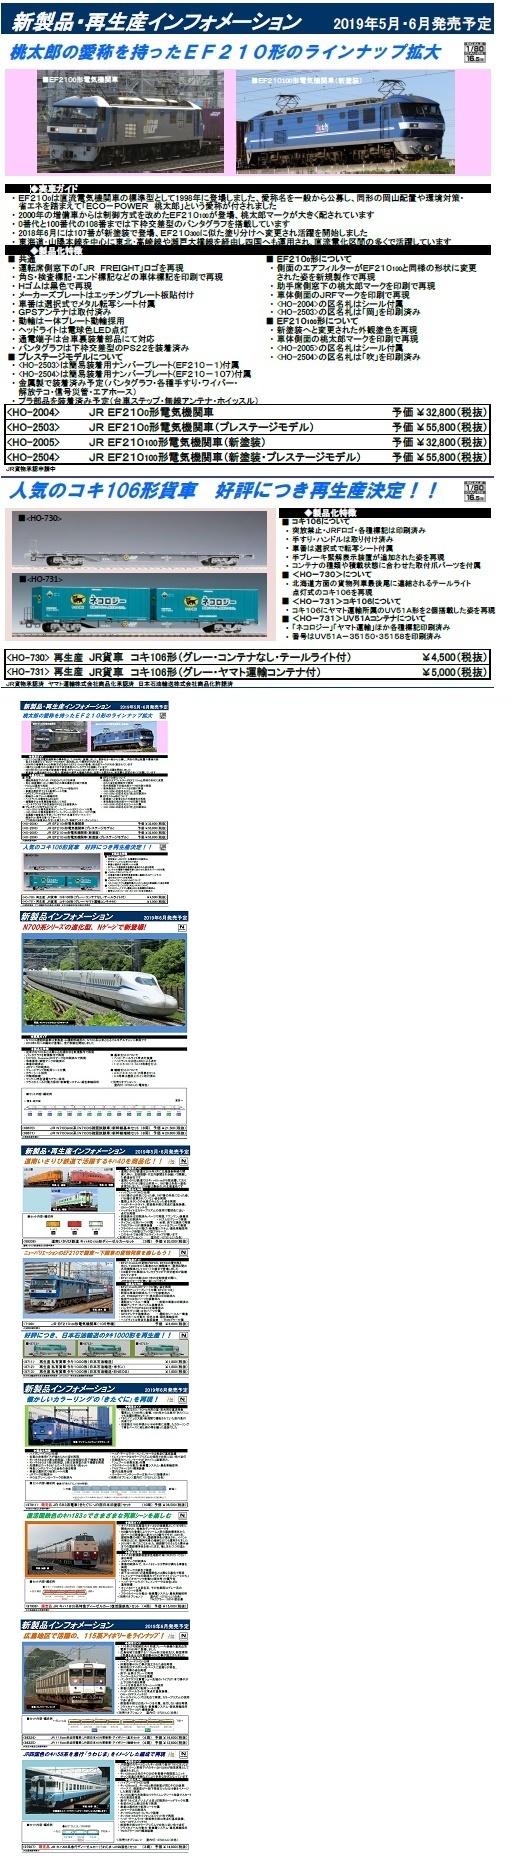 トミックス56月EF210J